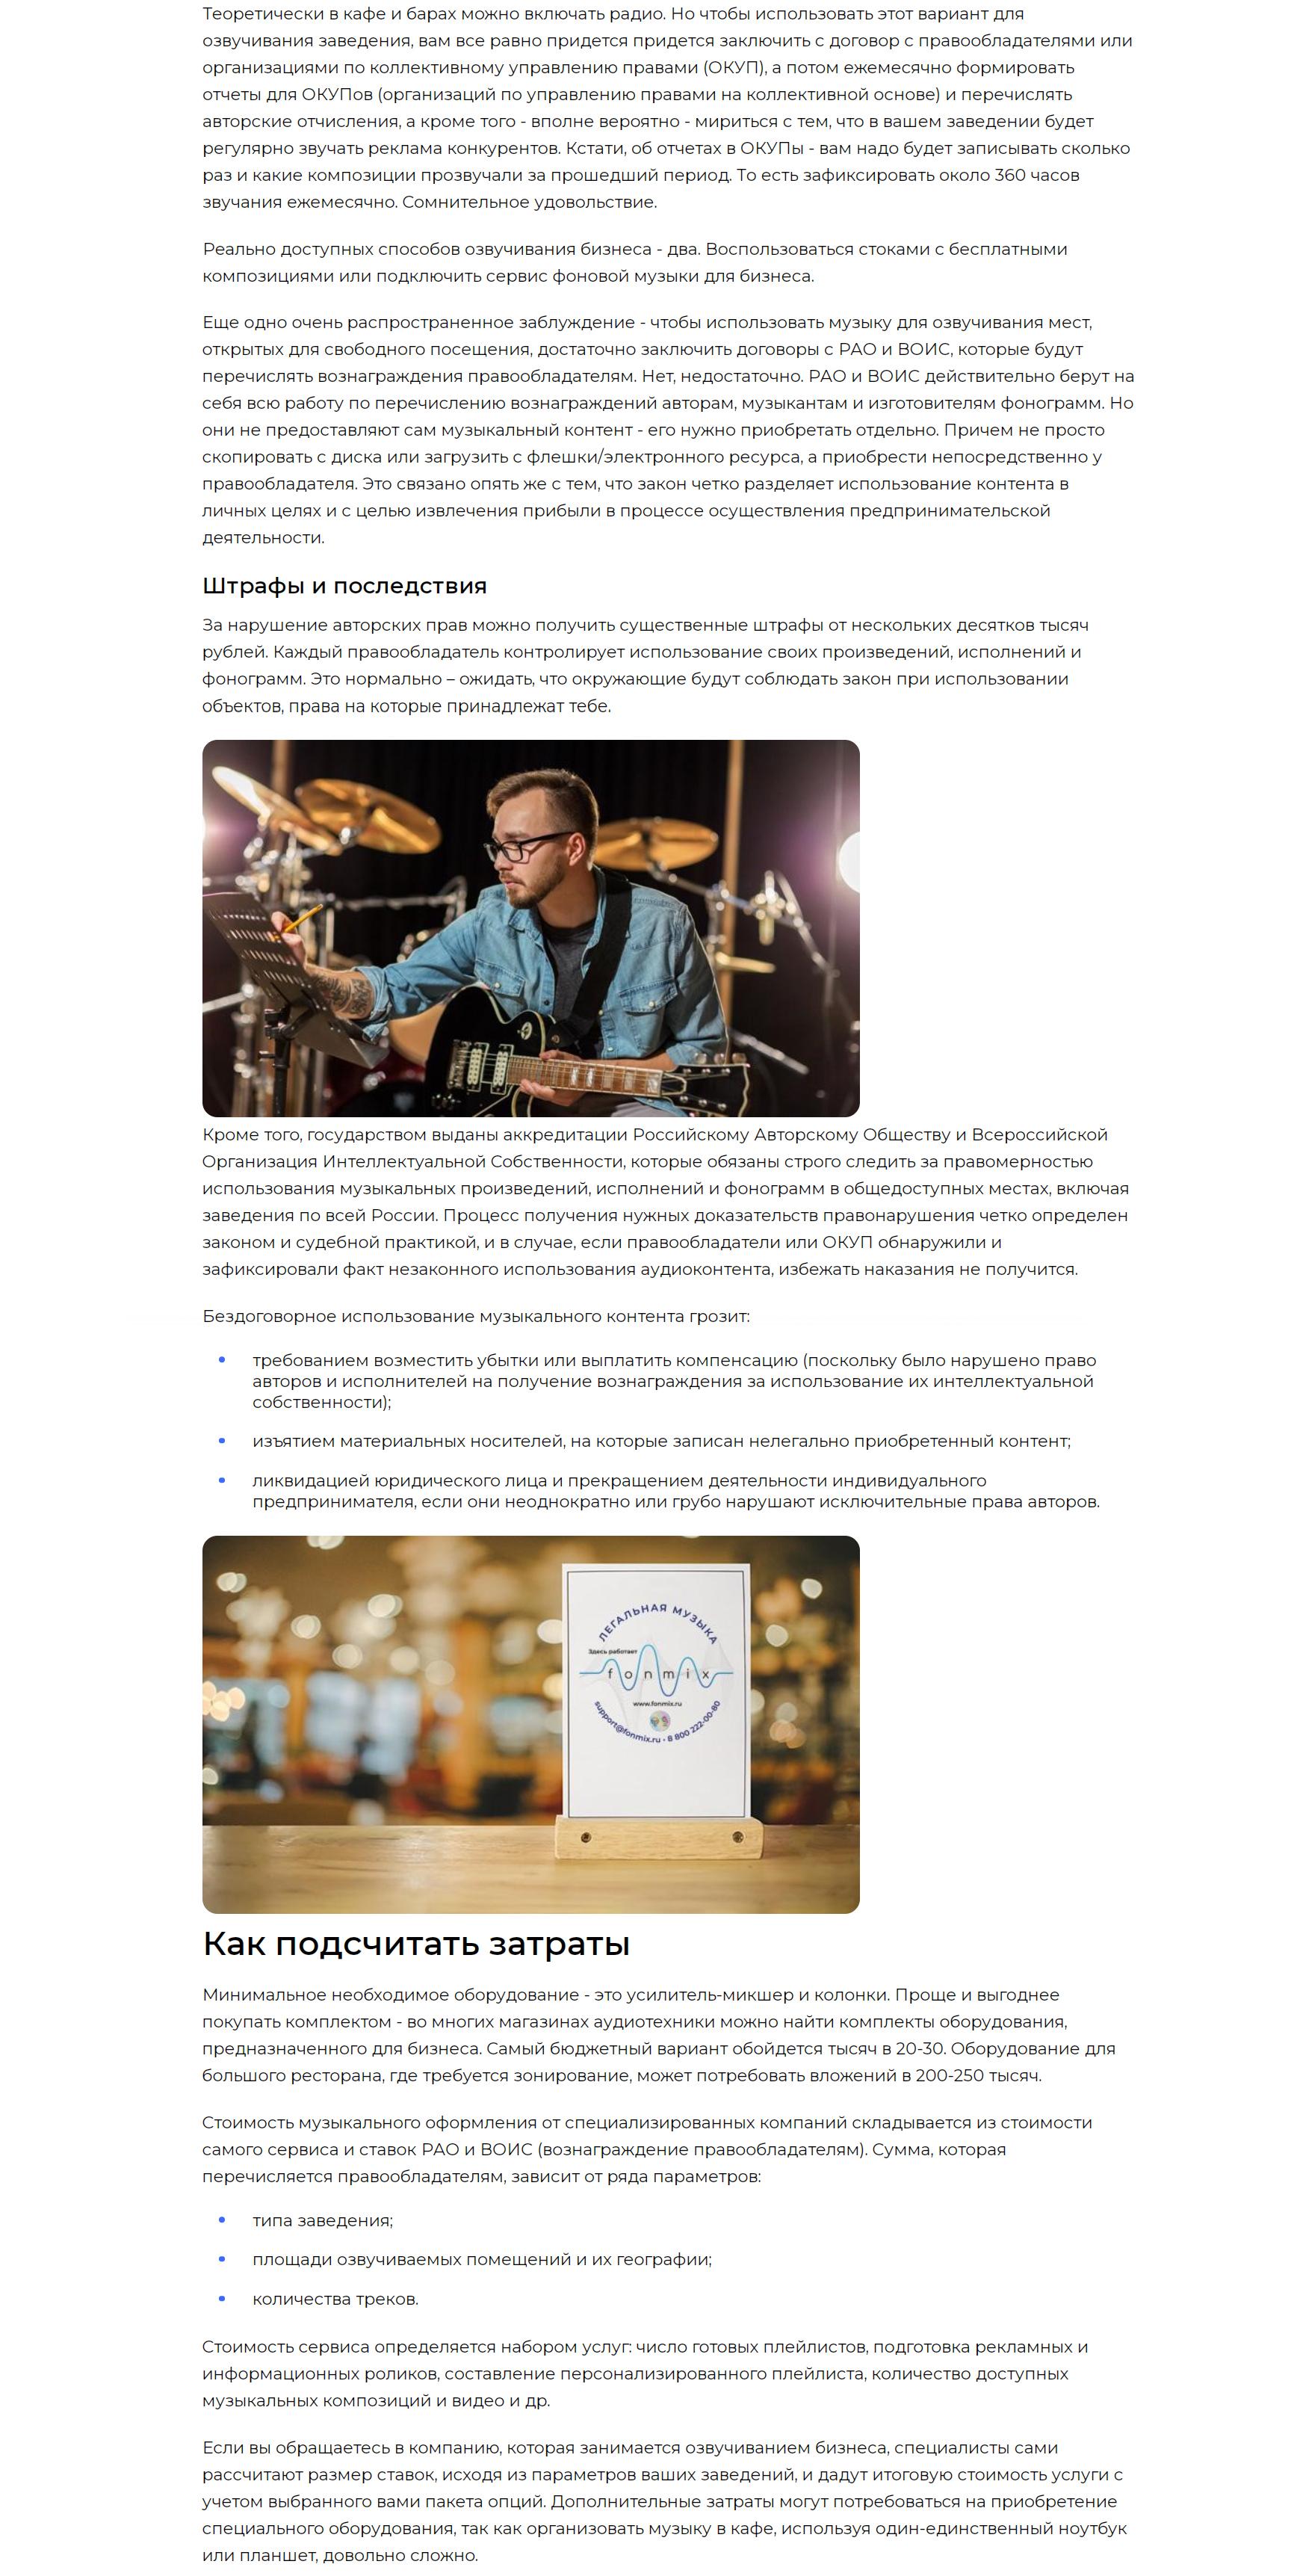 Статьи для блога компании, предлагающей фоновую музыку